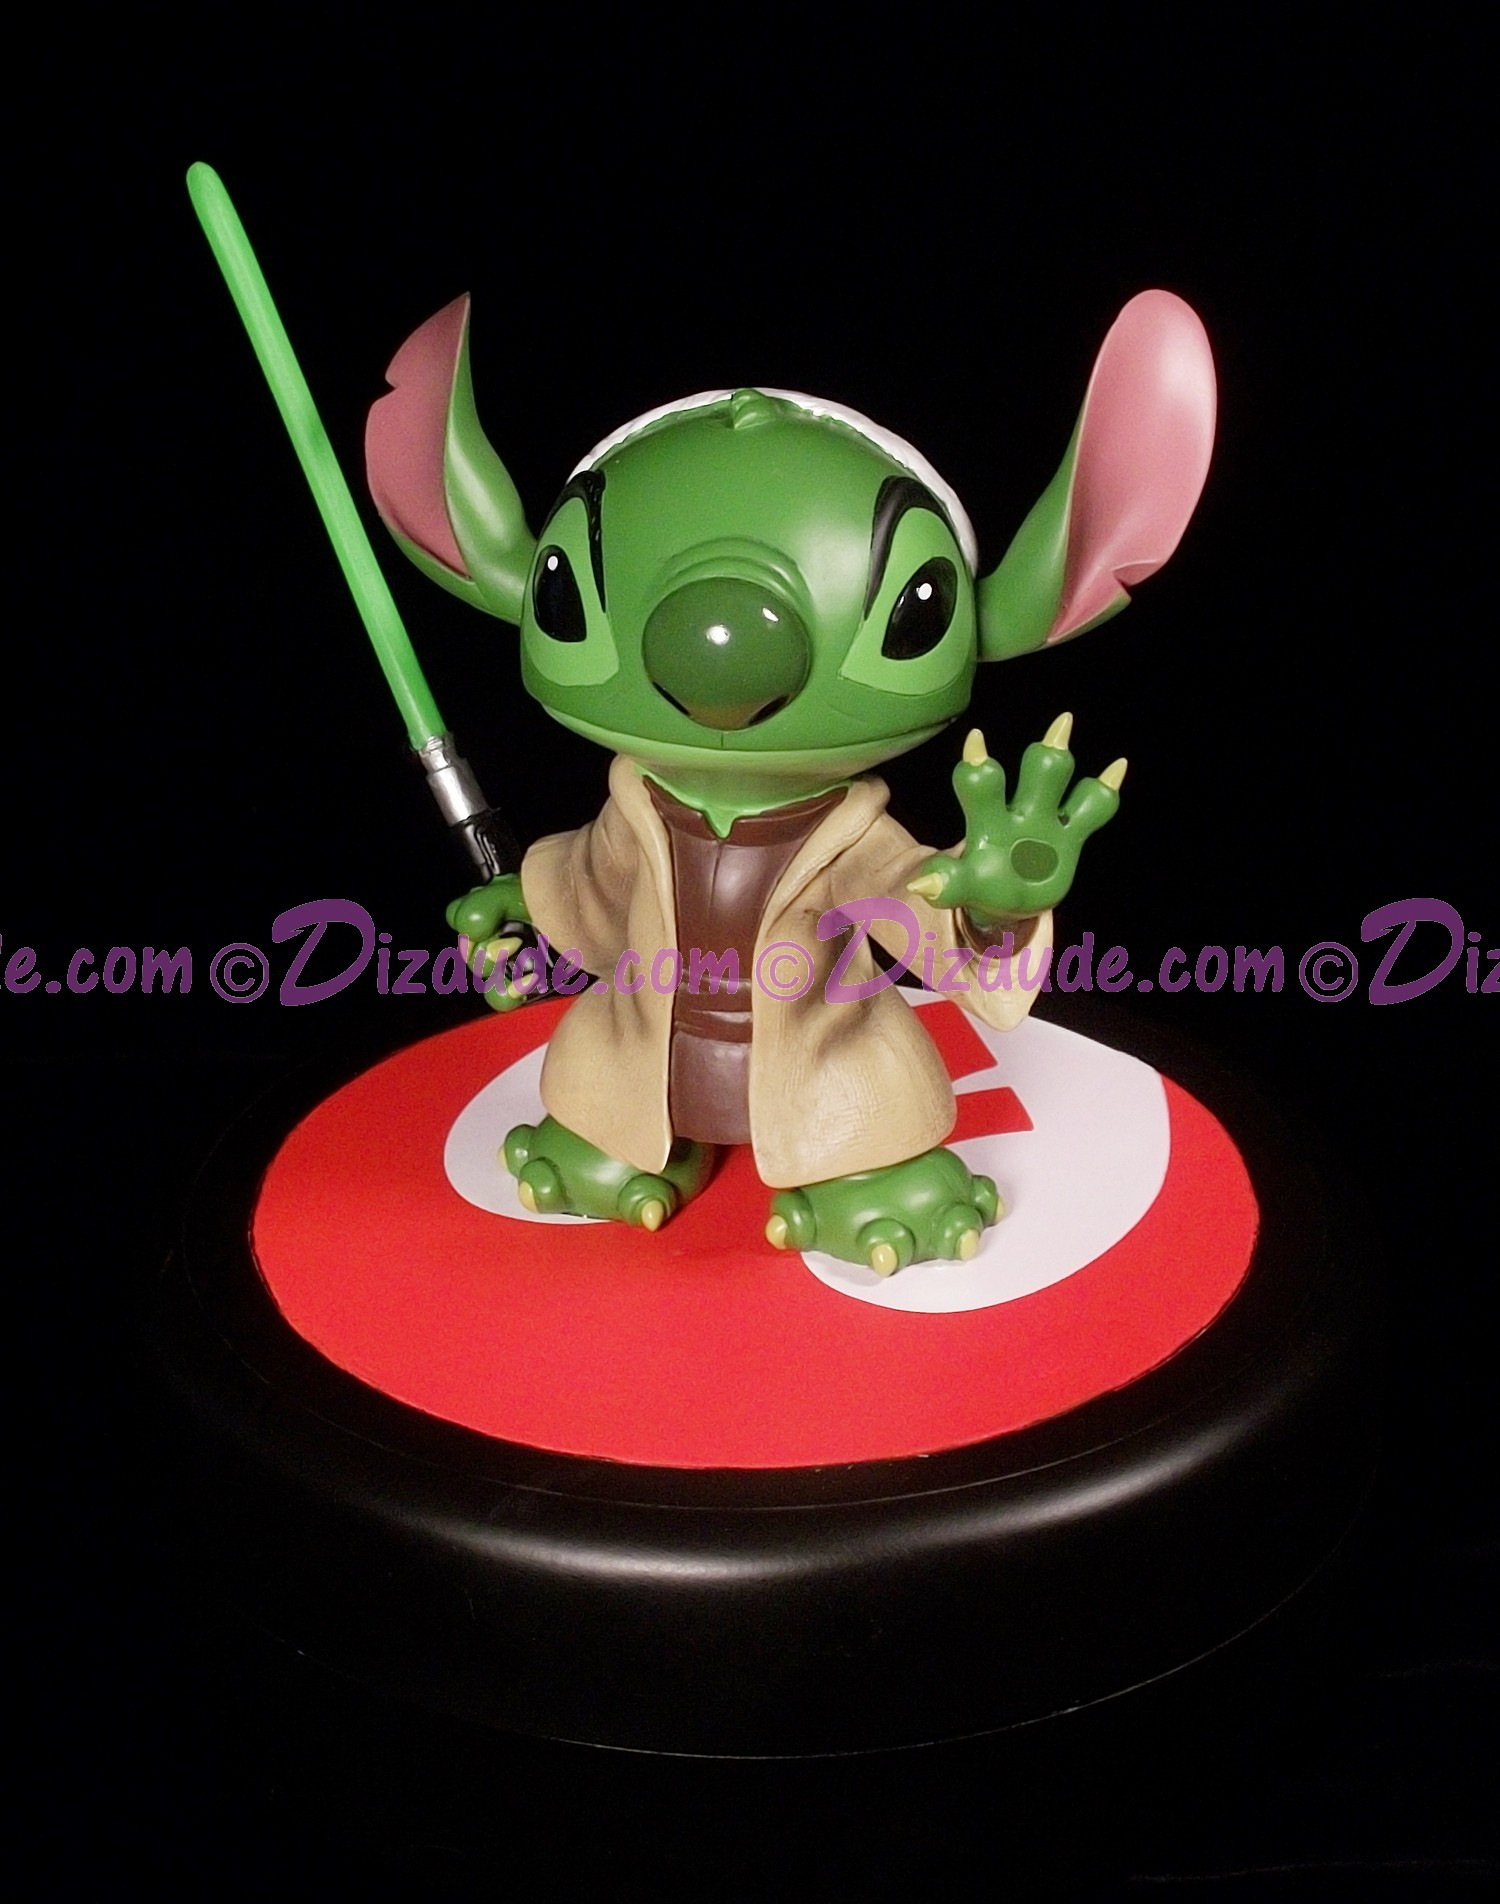 Disney Star Wars Weekends 2013 Stitch as Jedi Master Yoda Medium Big Fig with pin LE 1977 © Dizdude.com